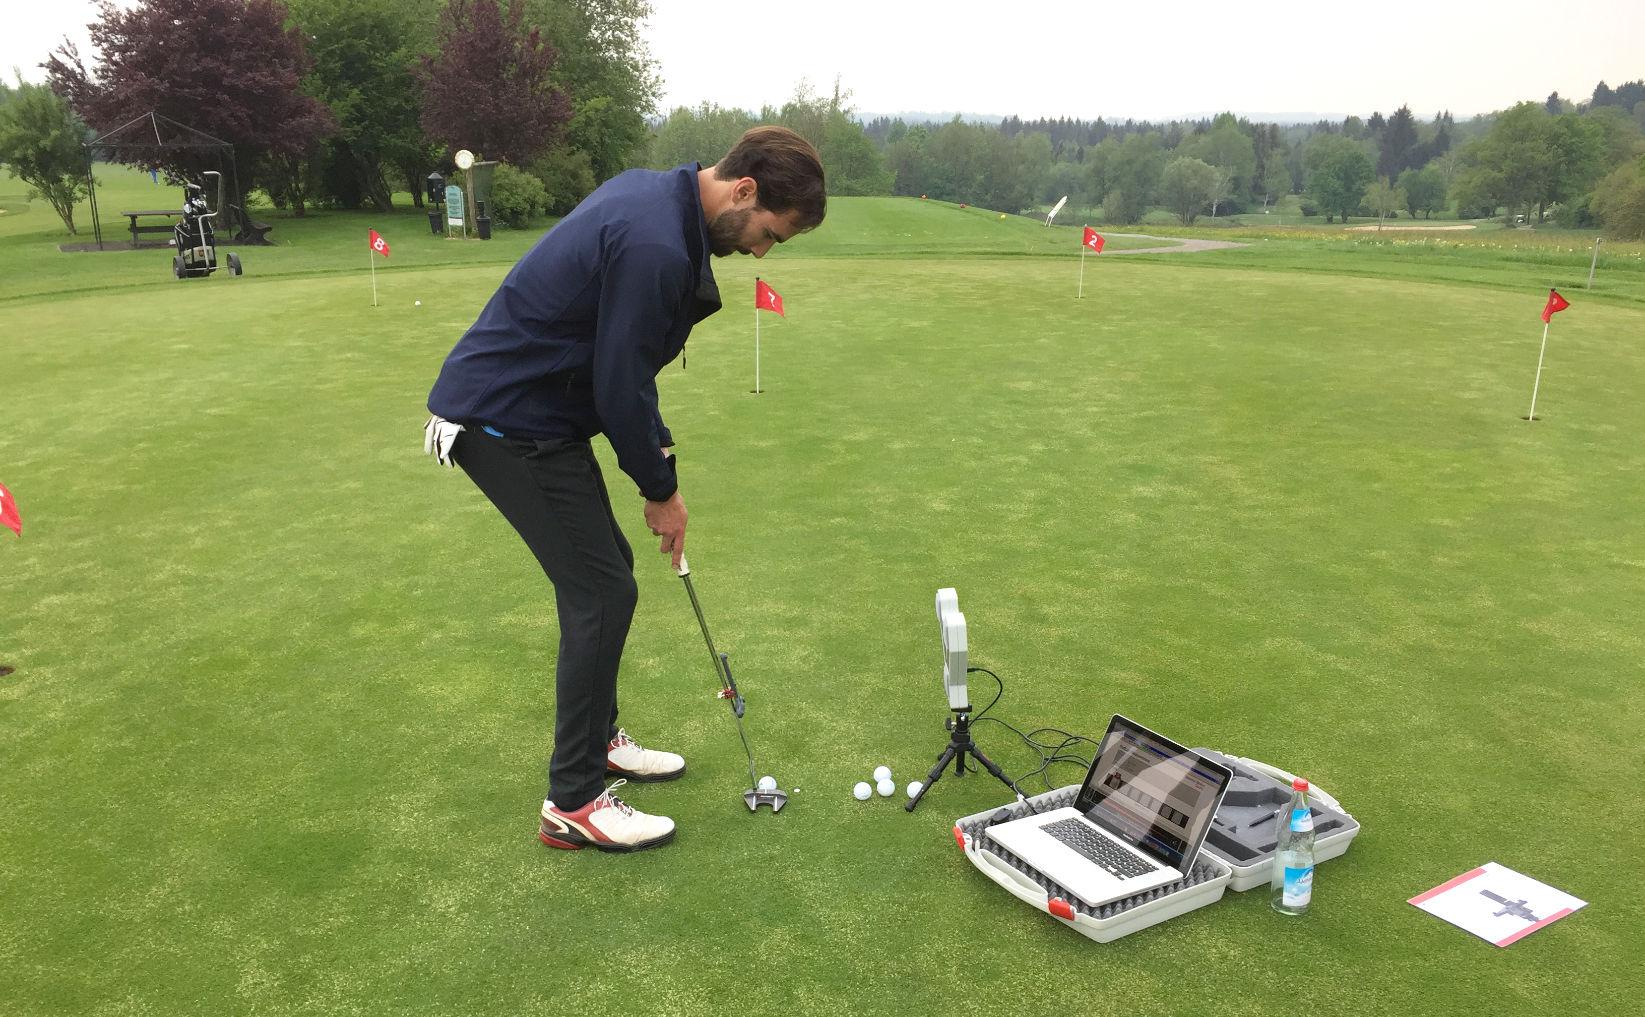 Golftraining - Putten mit dem Sam Putt Lab - Golfclub Beuerberg